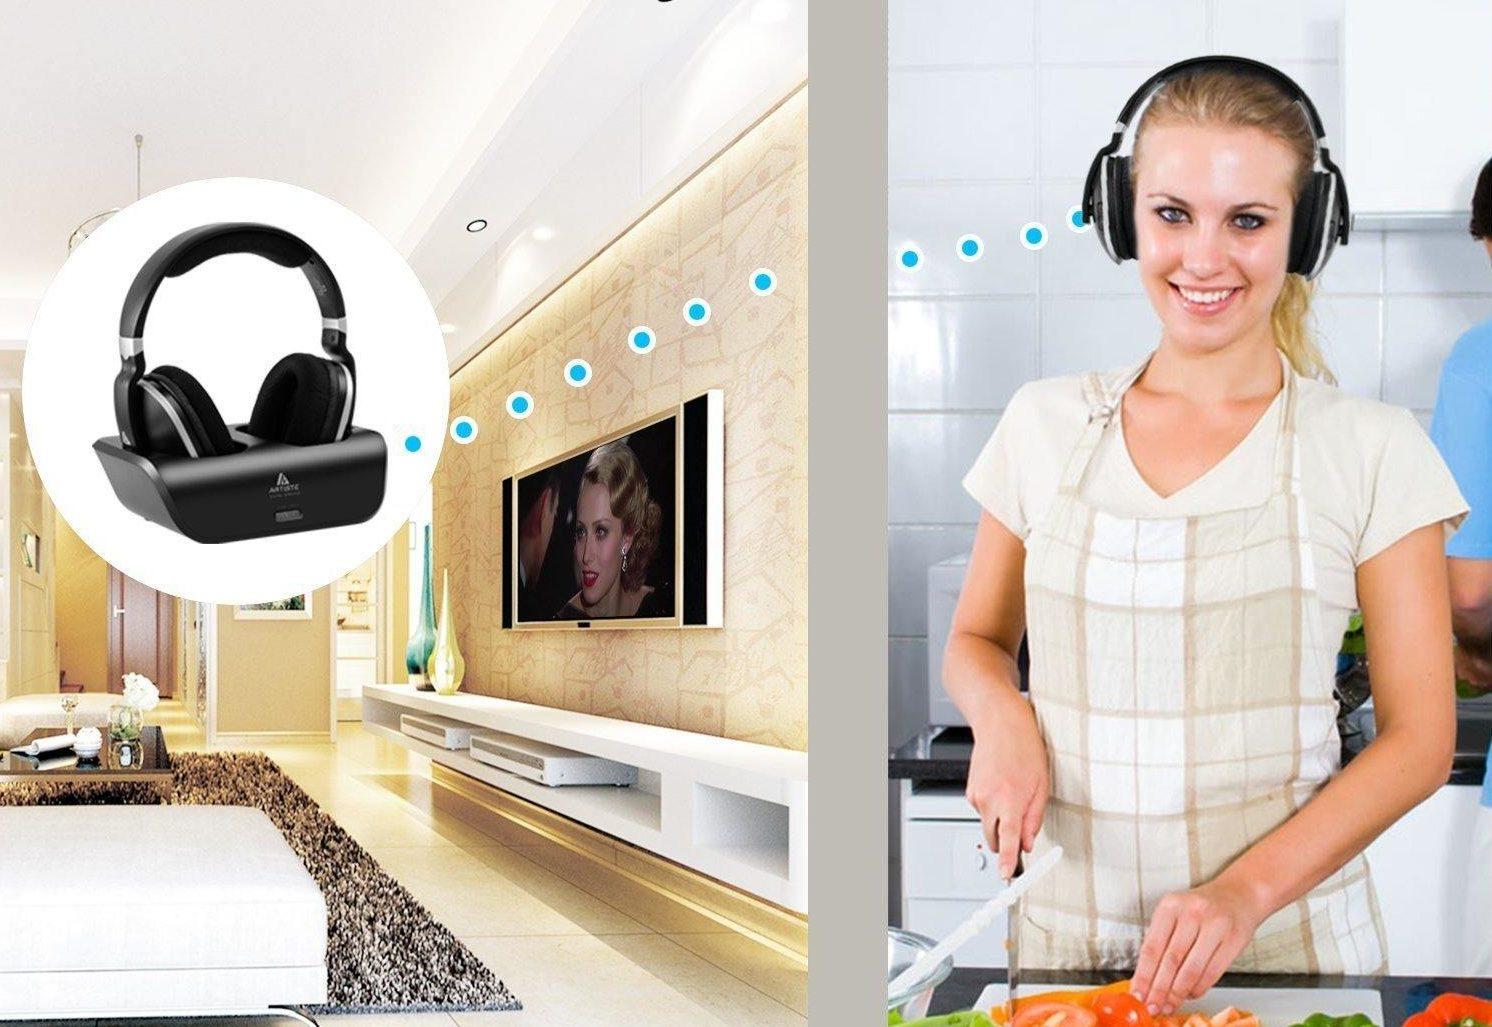 Digitales Wireless Kopfhörer 2.4GHz Übertragungsfrequenz Over Ear Funkkopfhörer mit Ladestation Test